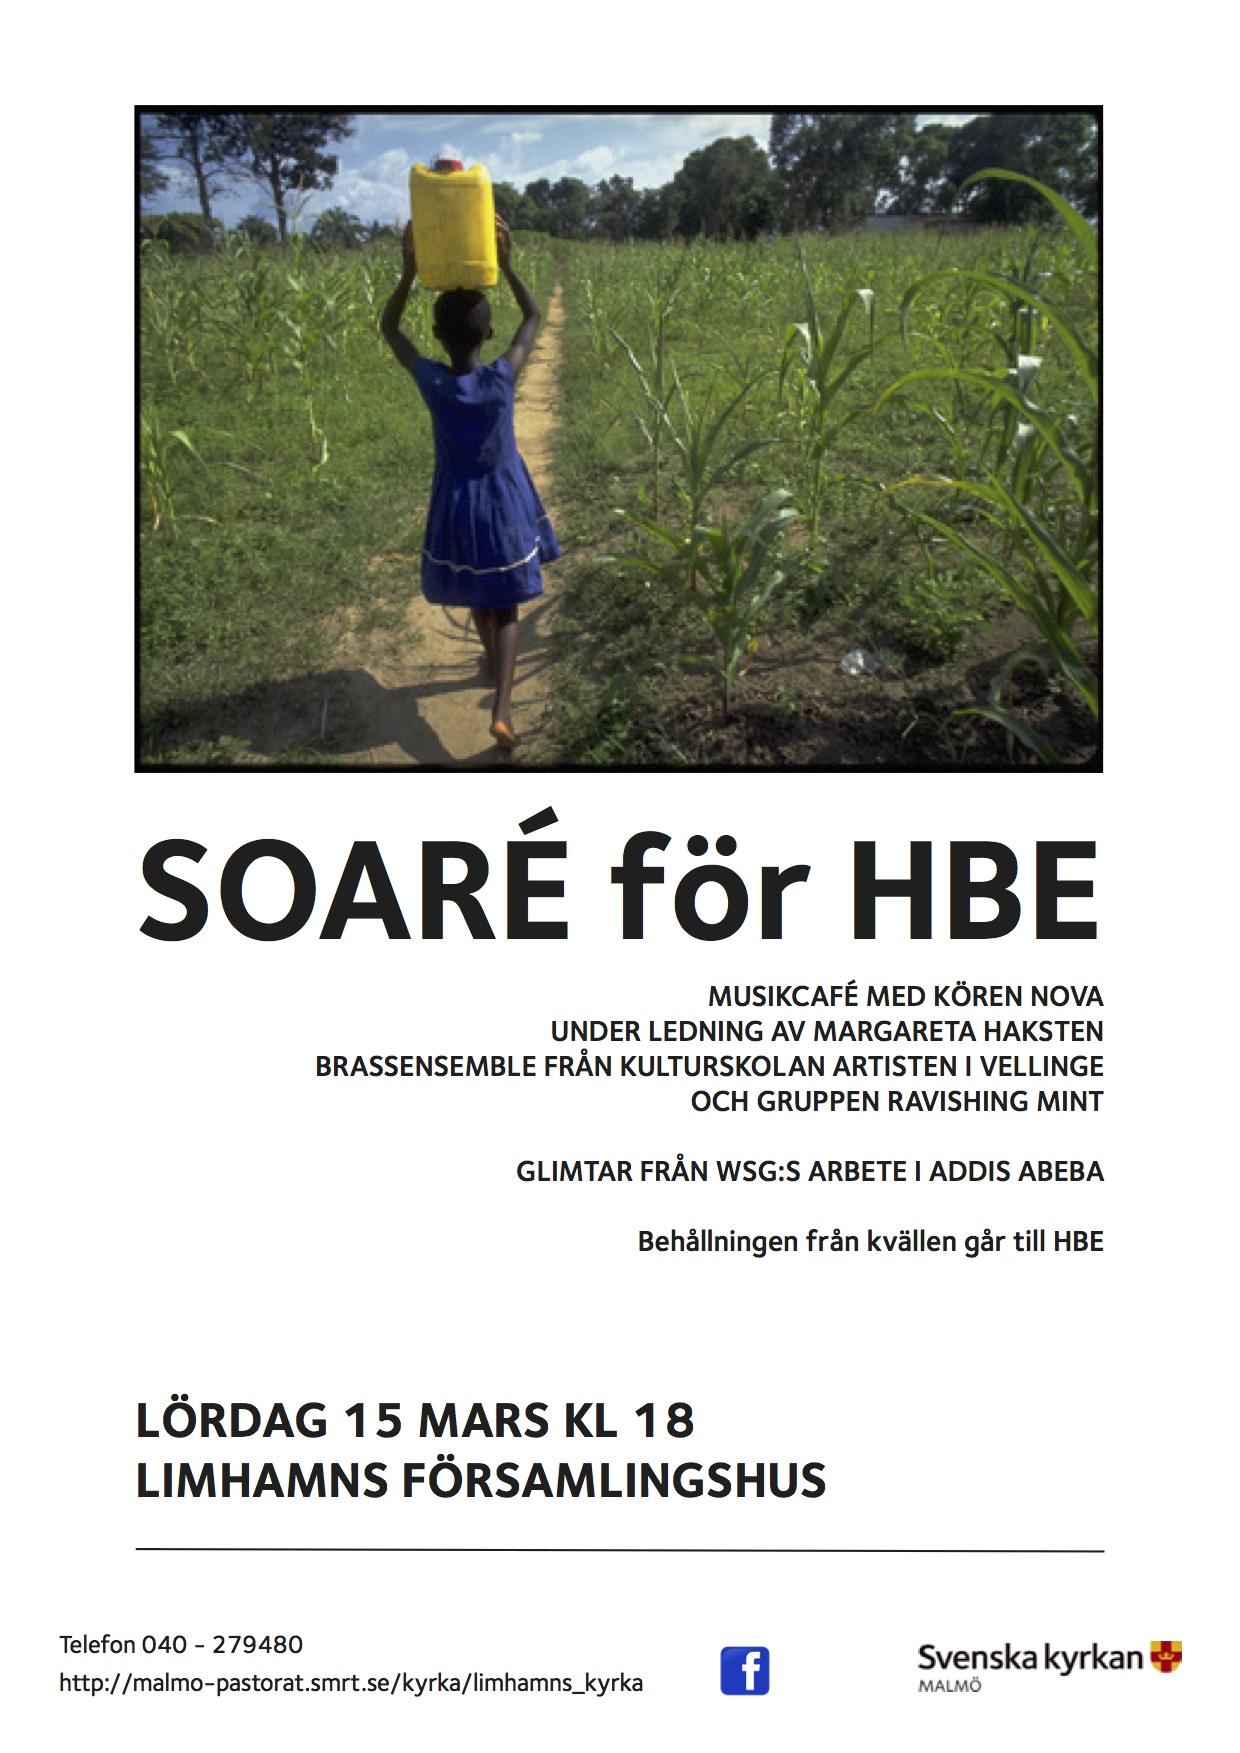 HBE soare 15 mars 2014-2